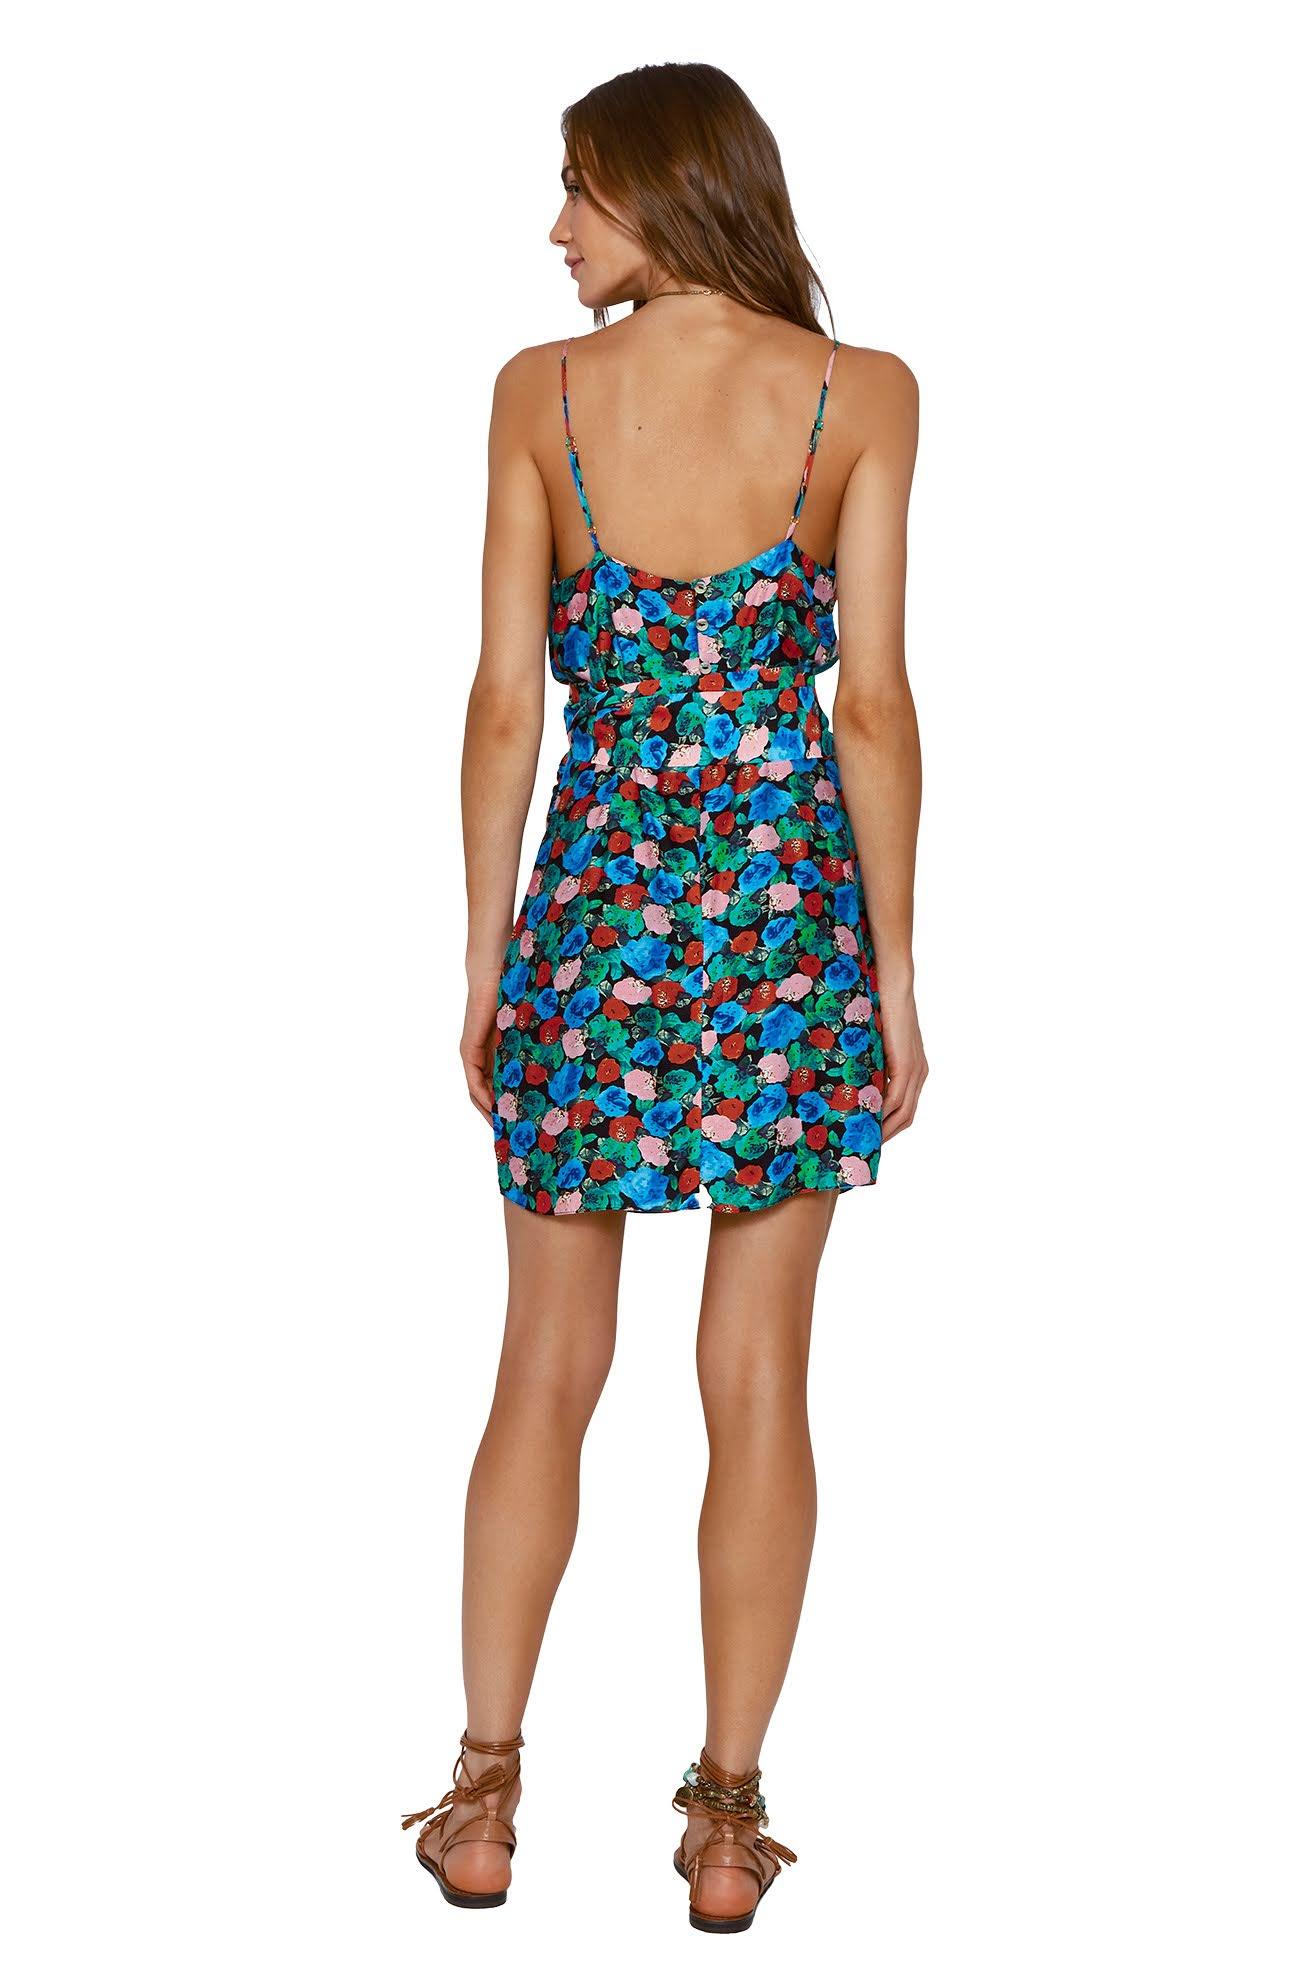 Vestido Bella Lisa Short Dress- Image 2